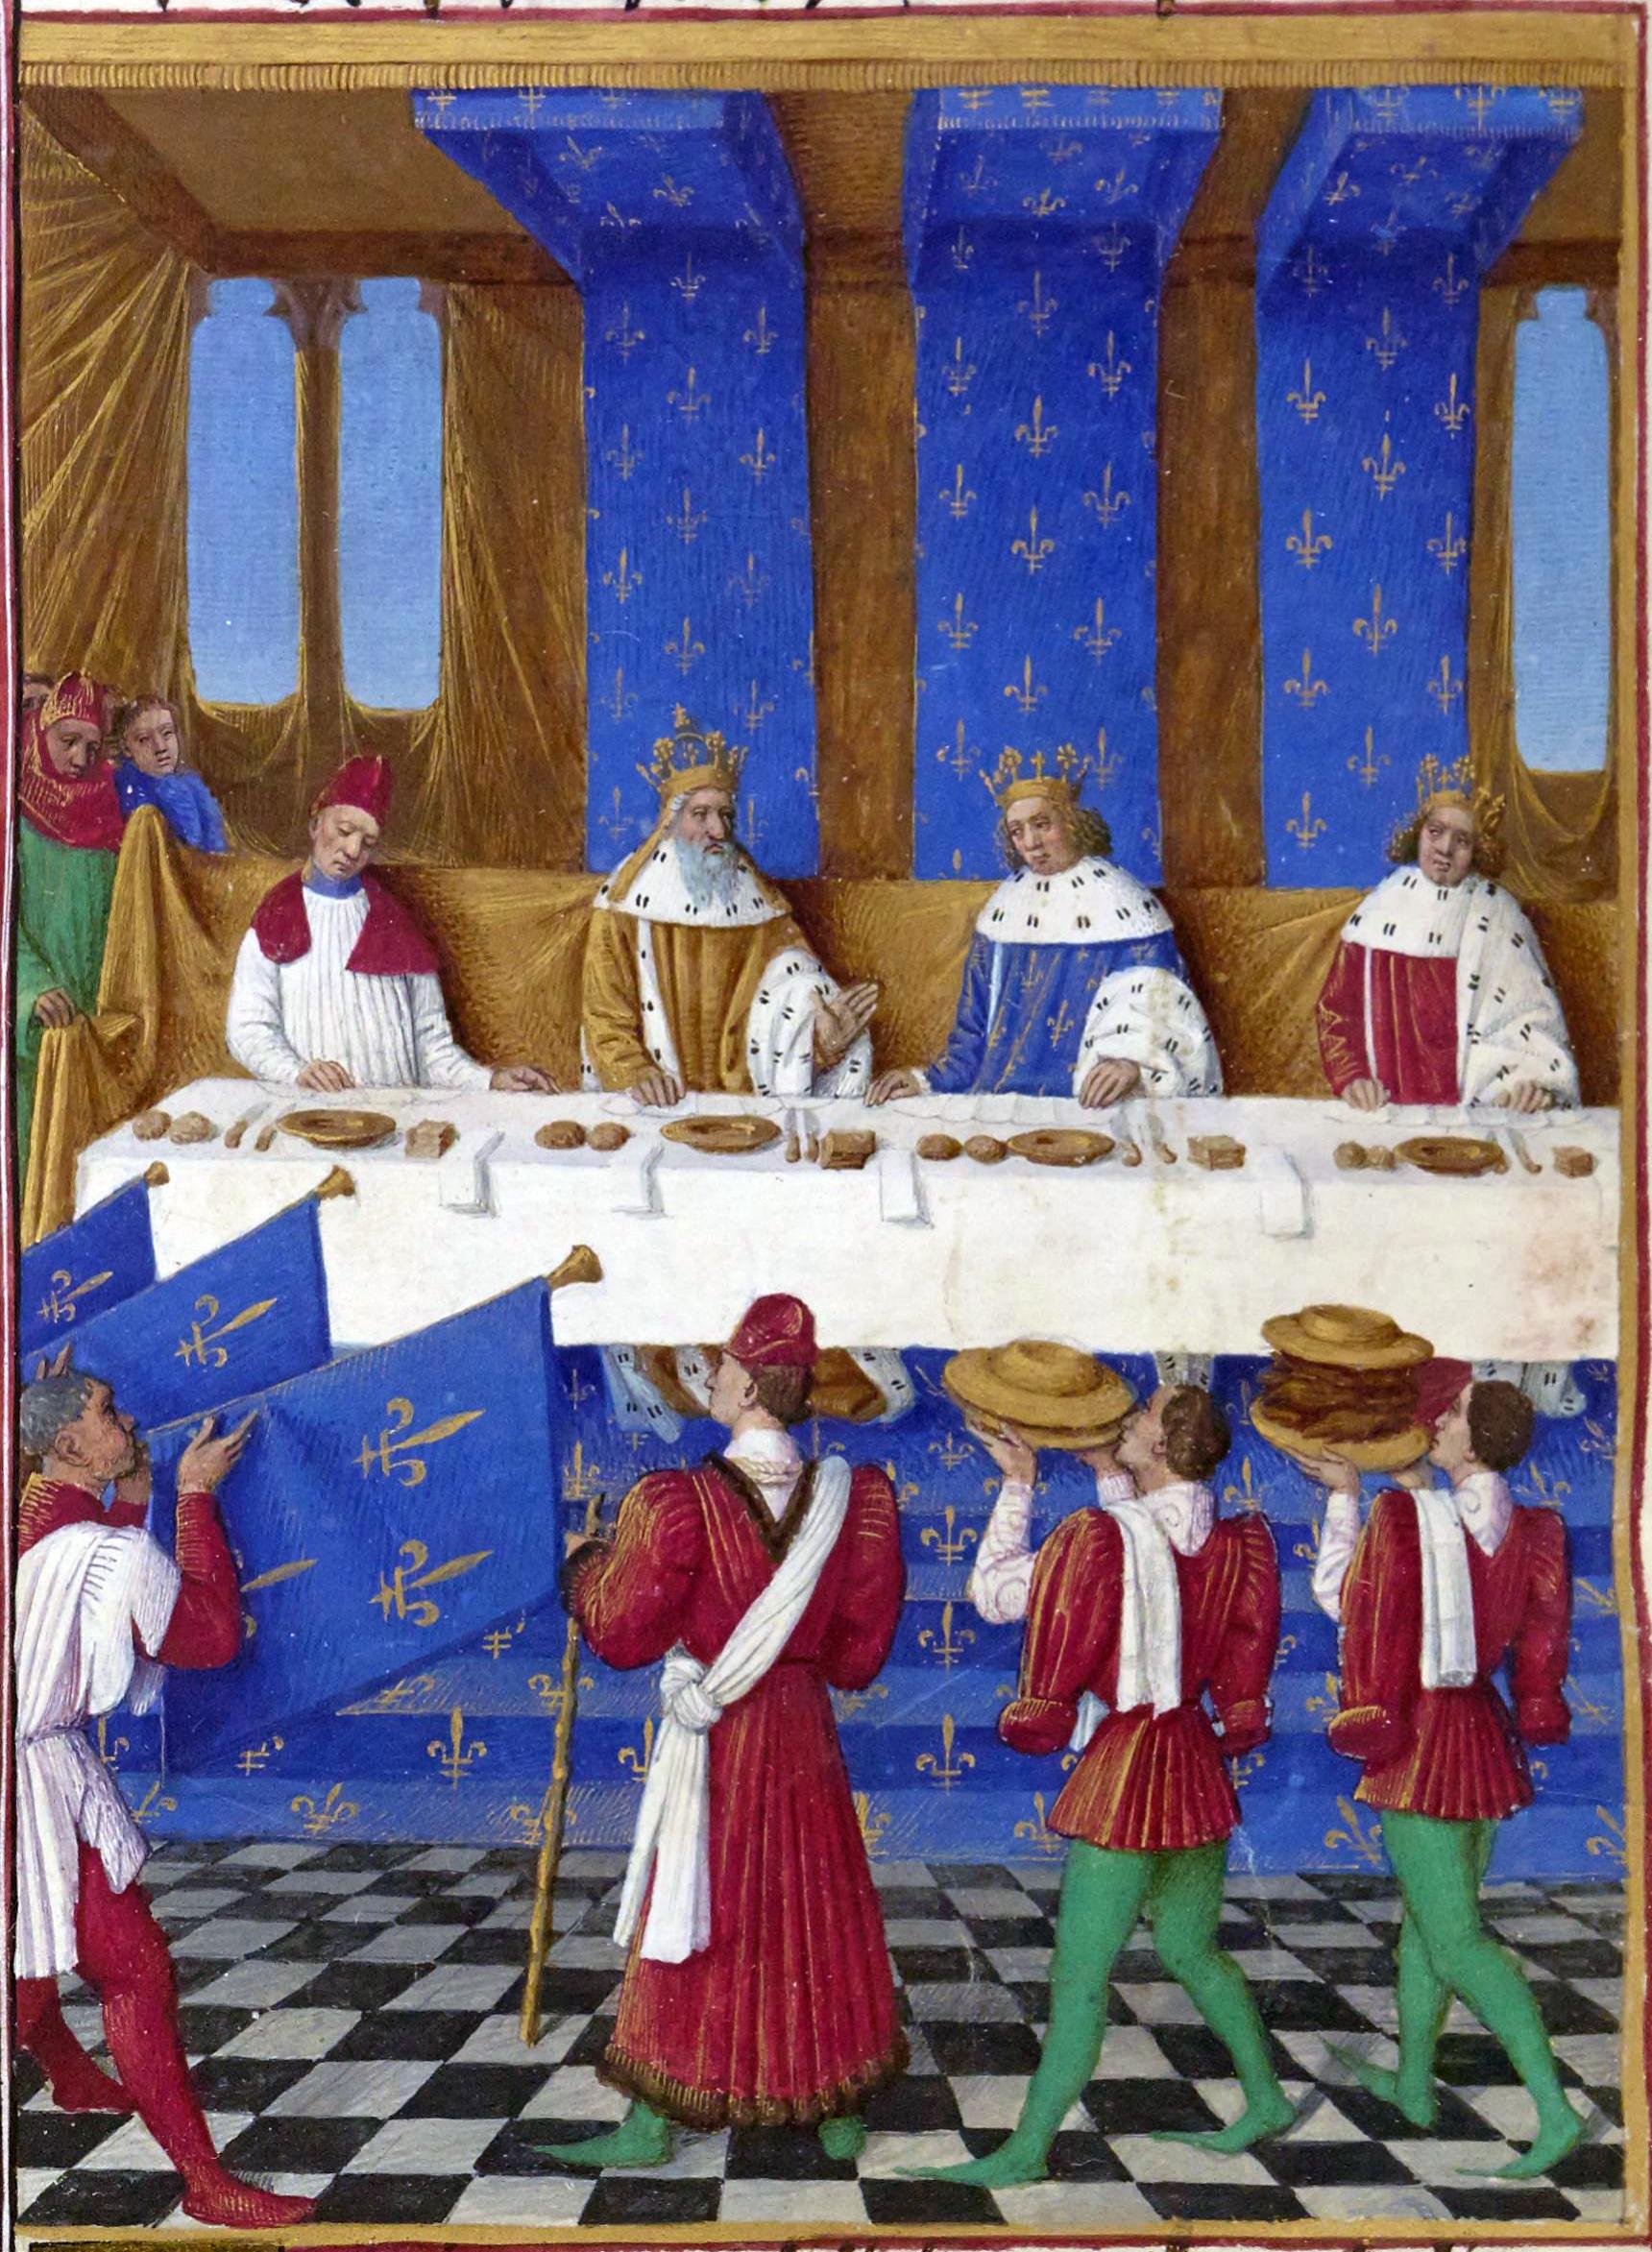 File:Banquet de Charles V le Sage.jpg